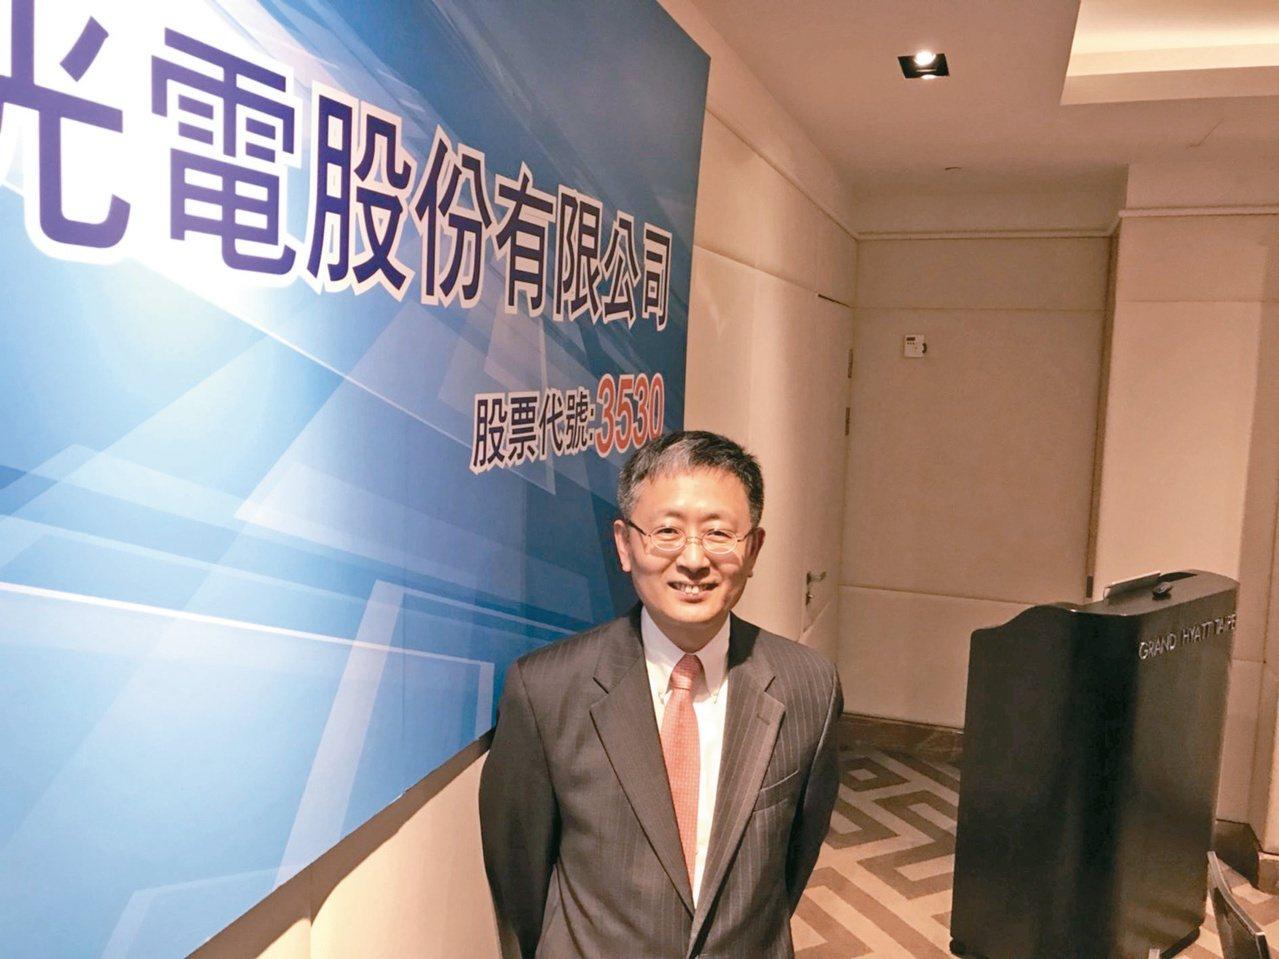 圖為晶相光電董事長暨總經理何新平。記者張家瑋/攝影